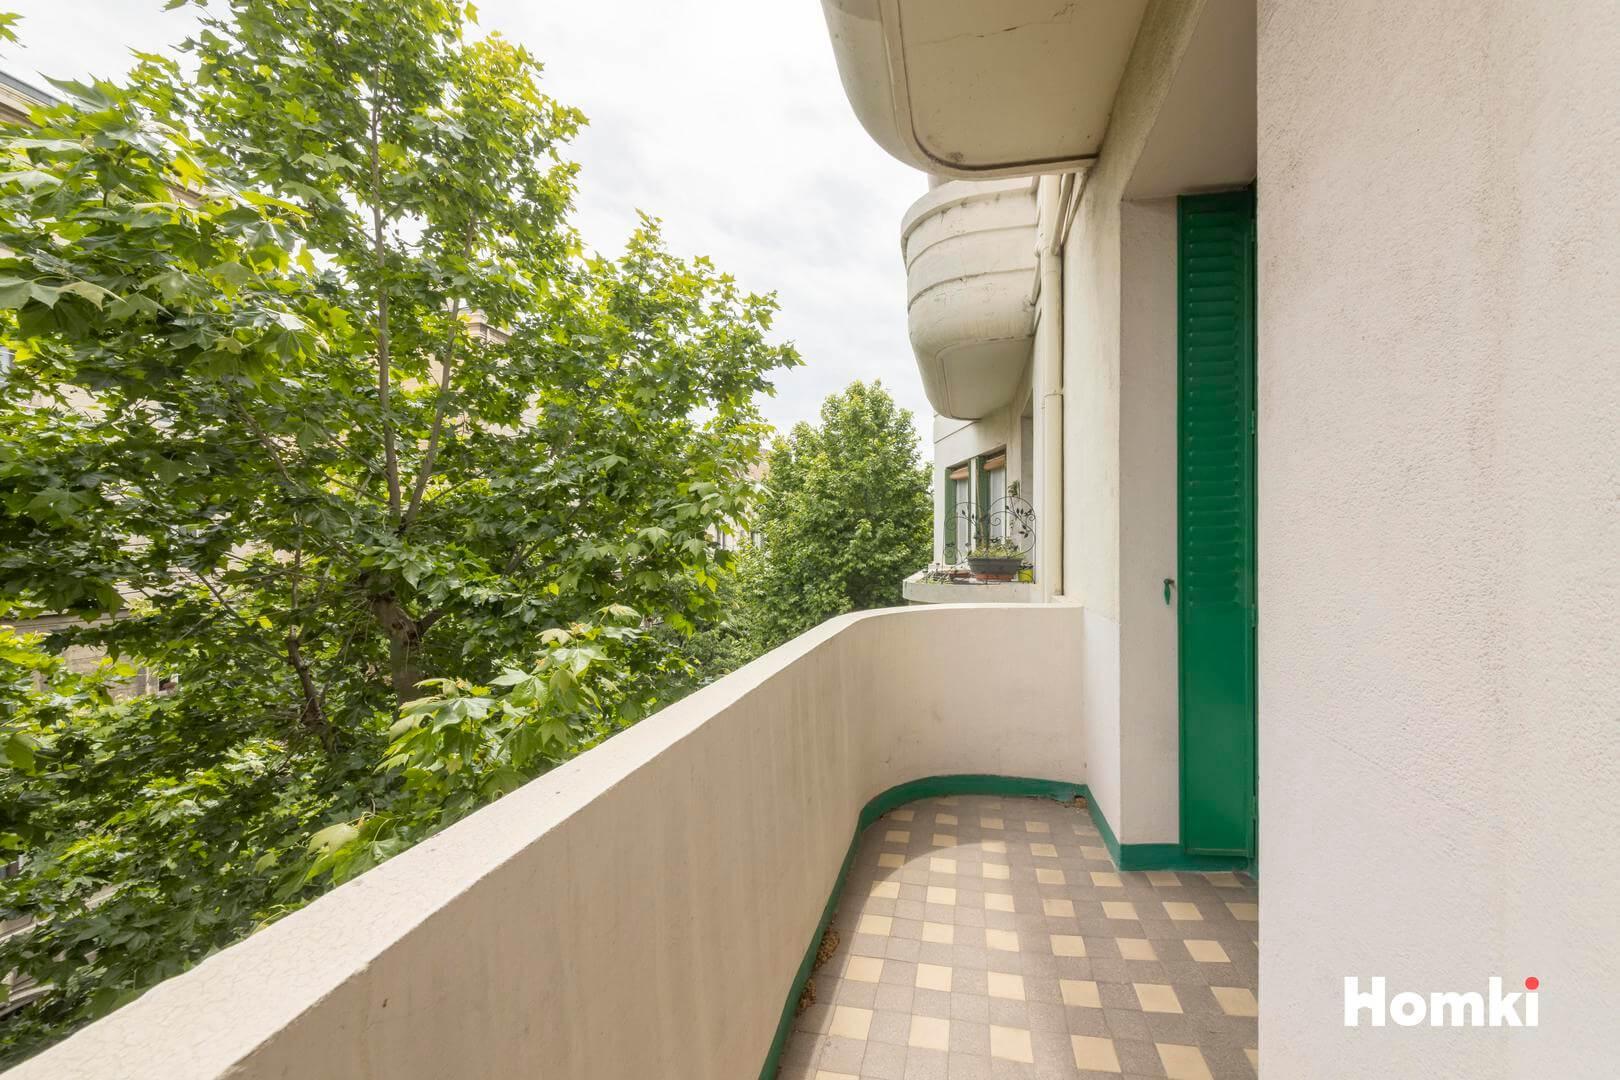 Homki - Vente Appartement  de 53.0 m² à Marseille 13003